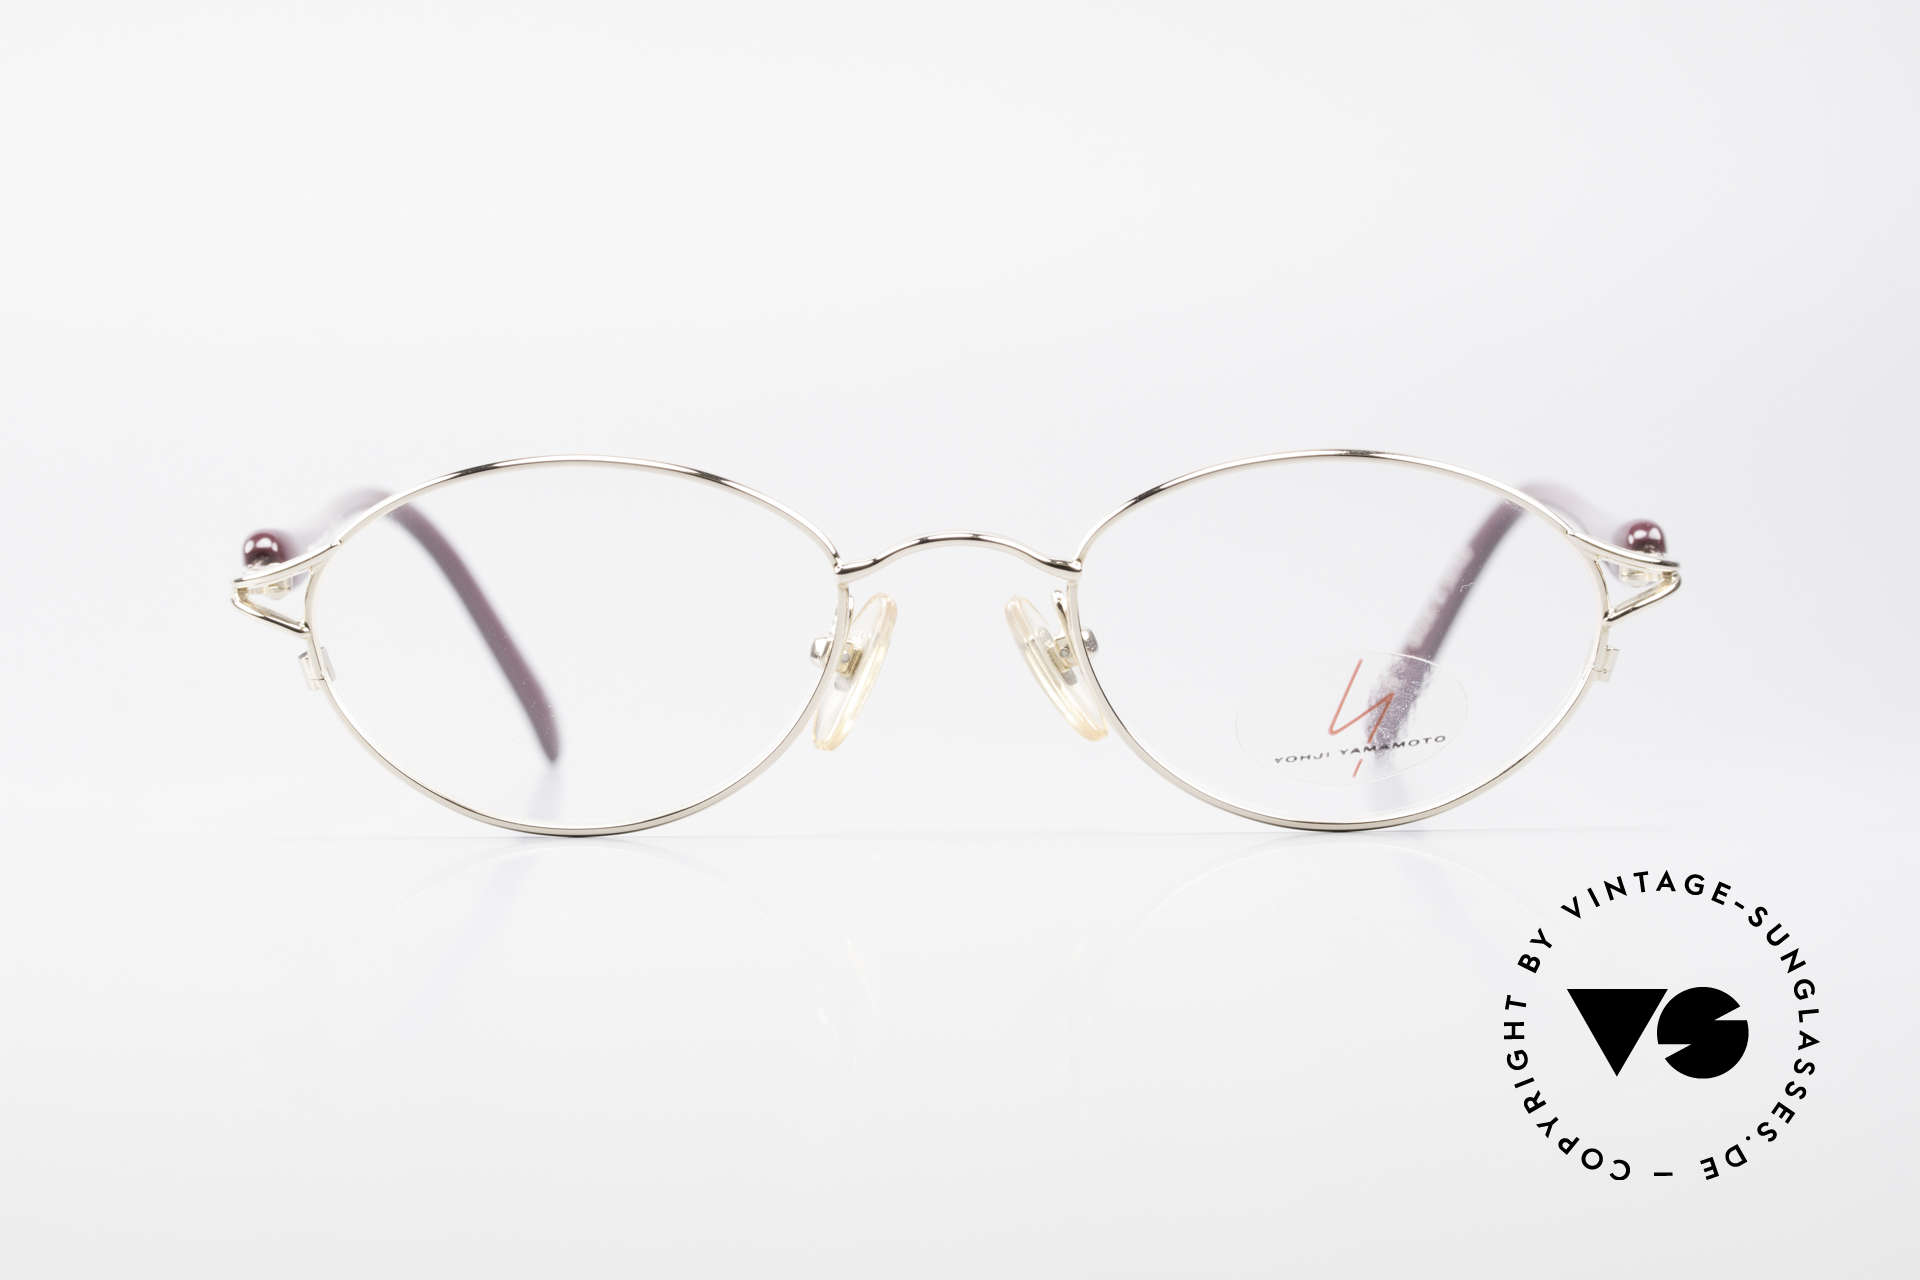 Yohji Yamamoto 51-7210 90er No Retro Clip-On Brille, Größe: small, Passend für Herren und Damen